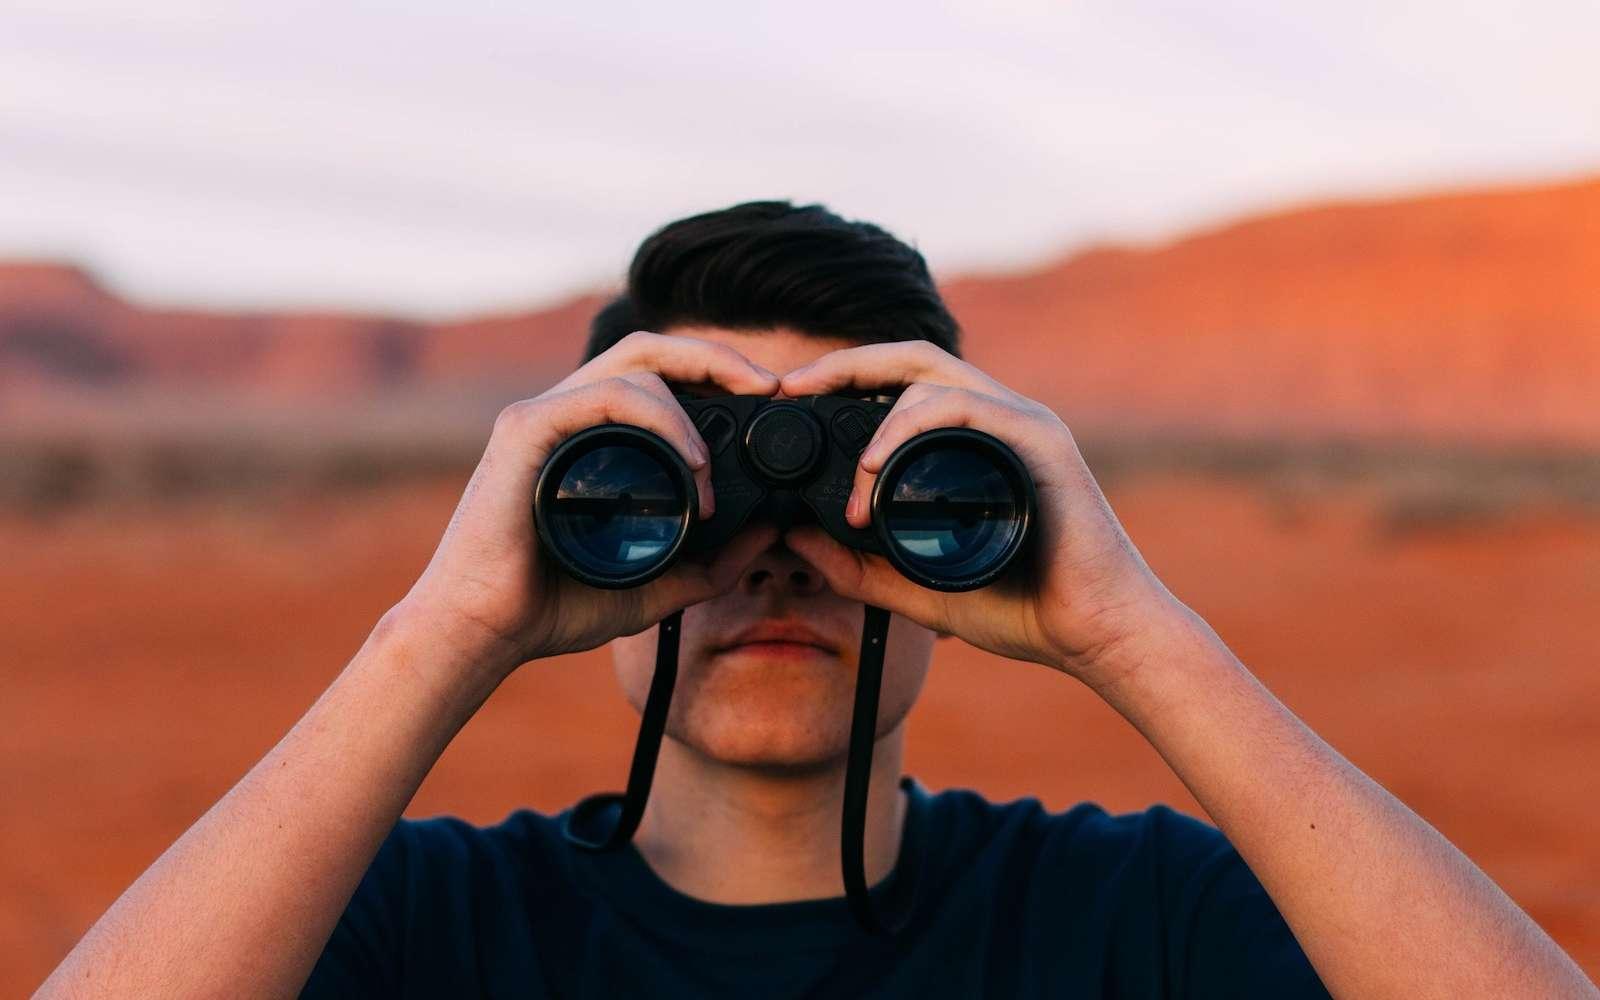 Qwant et DuckDuckGo sont des moteurs de recherche qui ne tracent pas les internautes. © Free-Photos, Pixabay